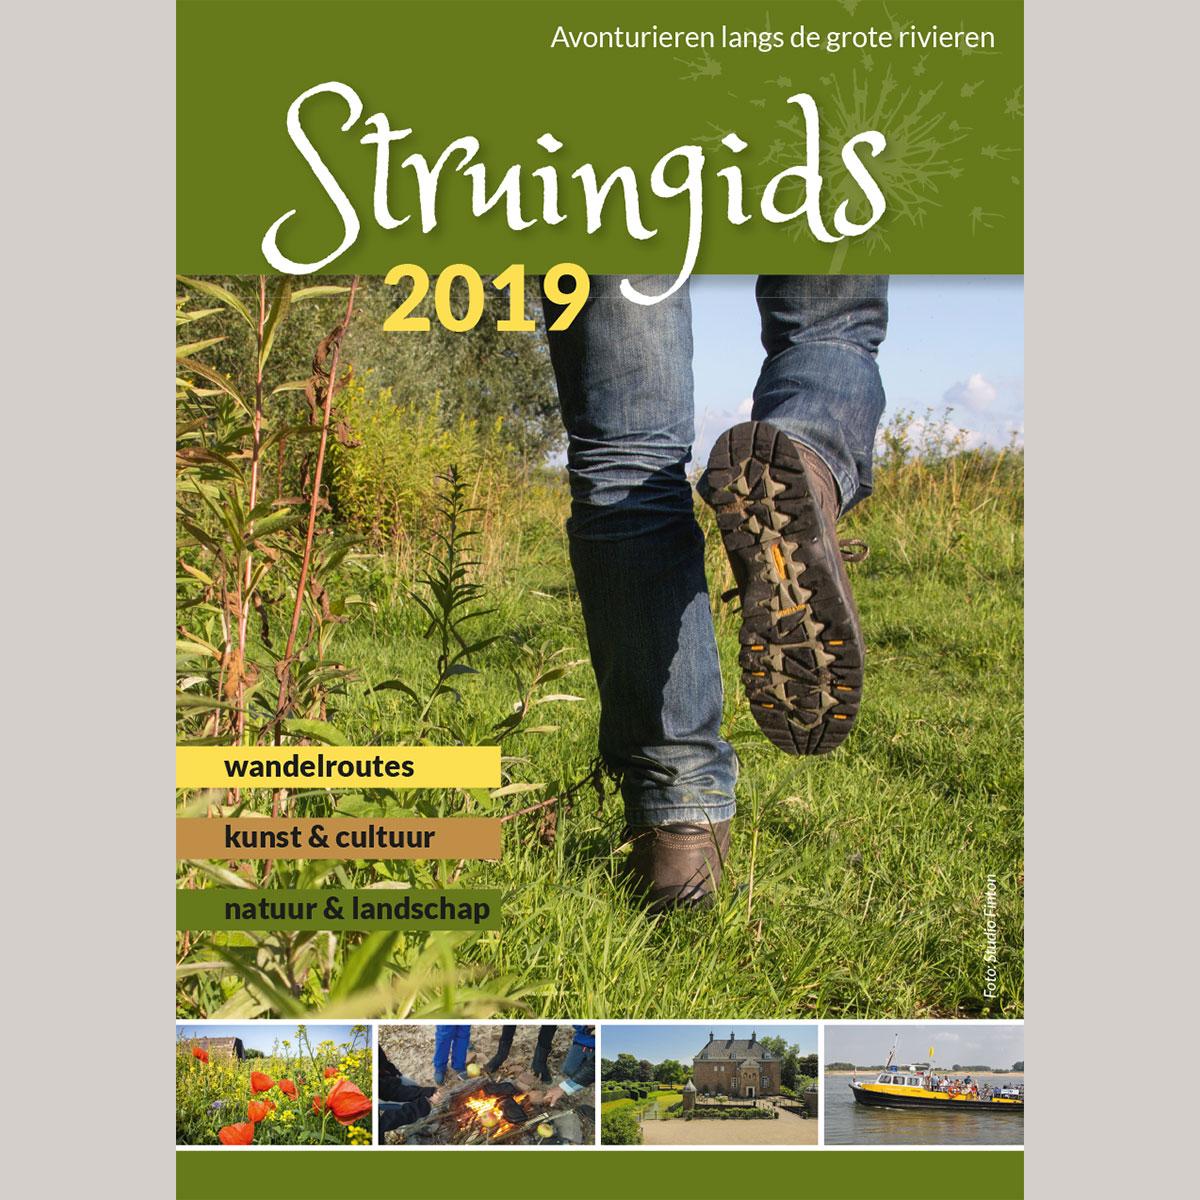 Struingids 2019 (max. 1 P.p.)